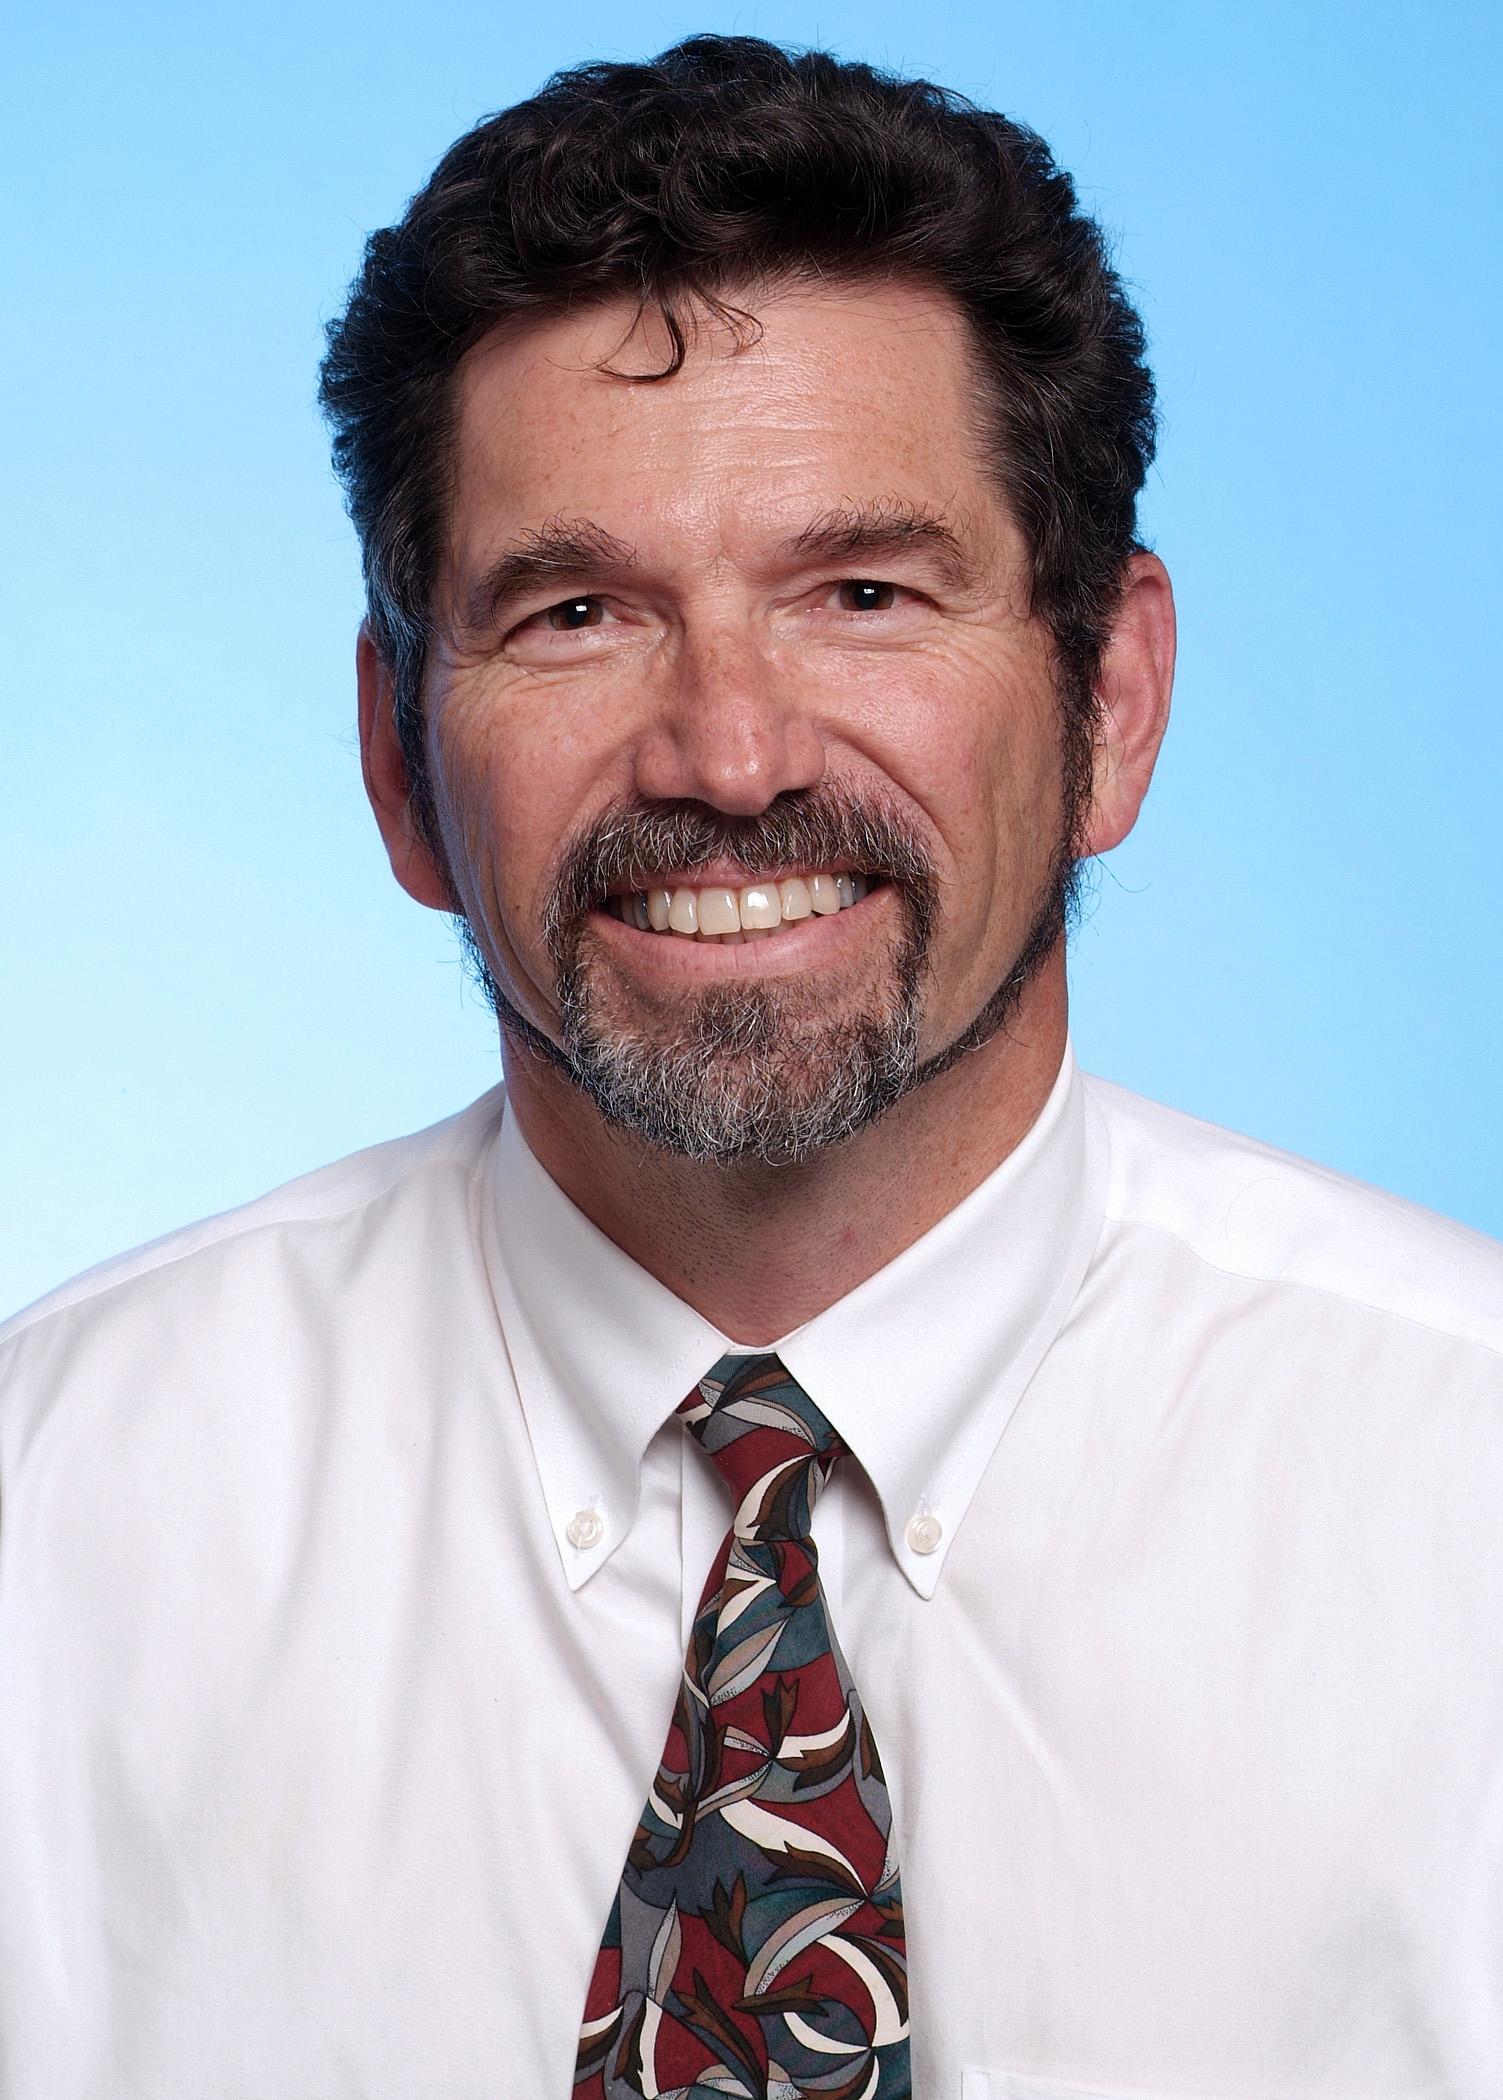 Craig Ferris